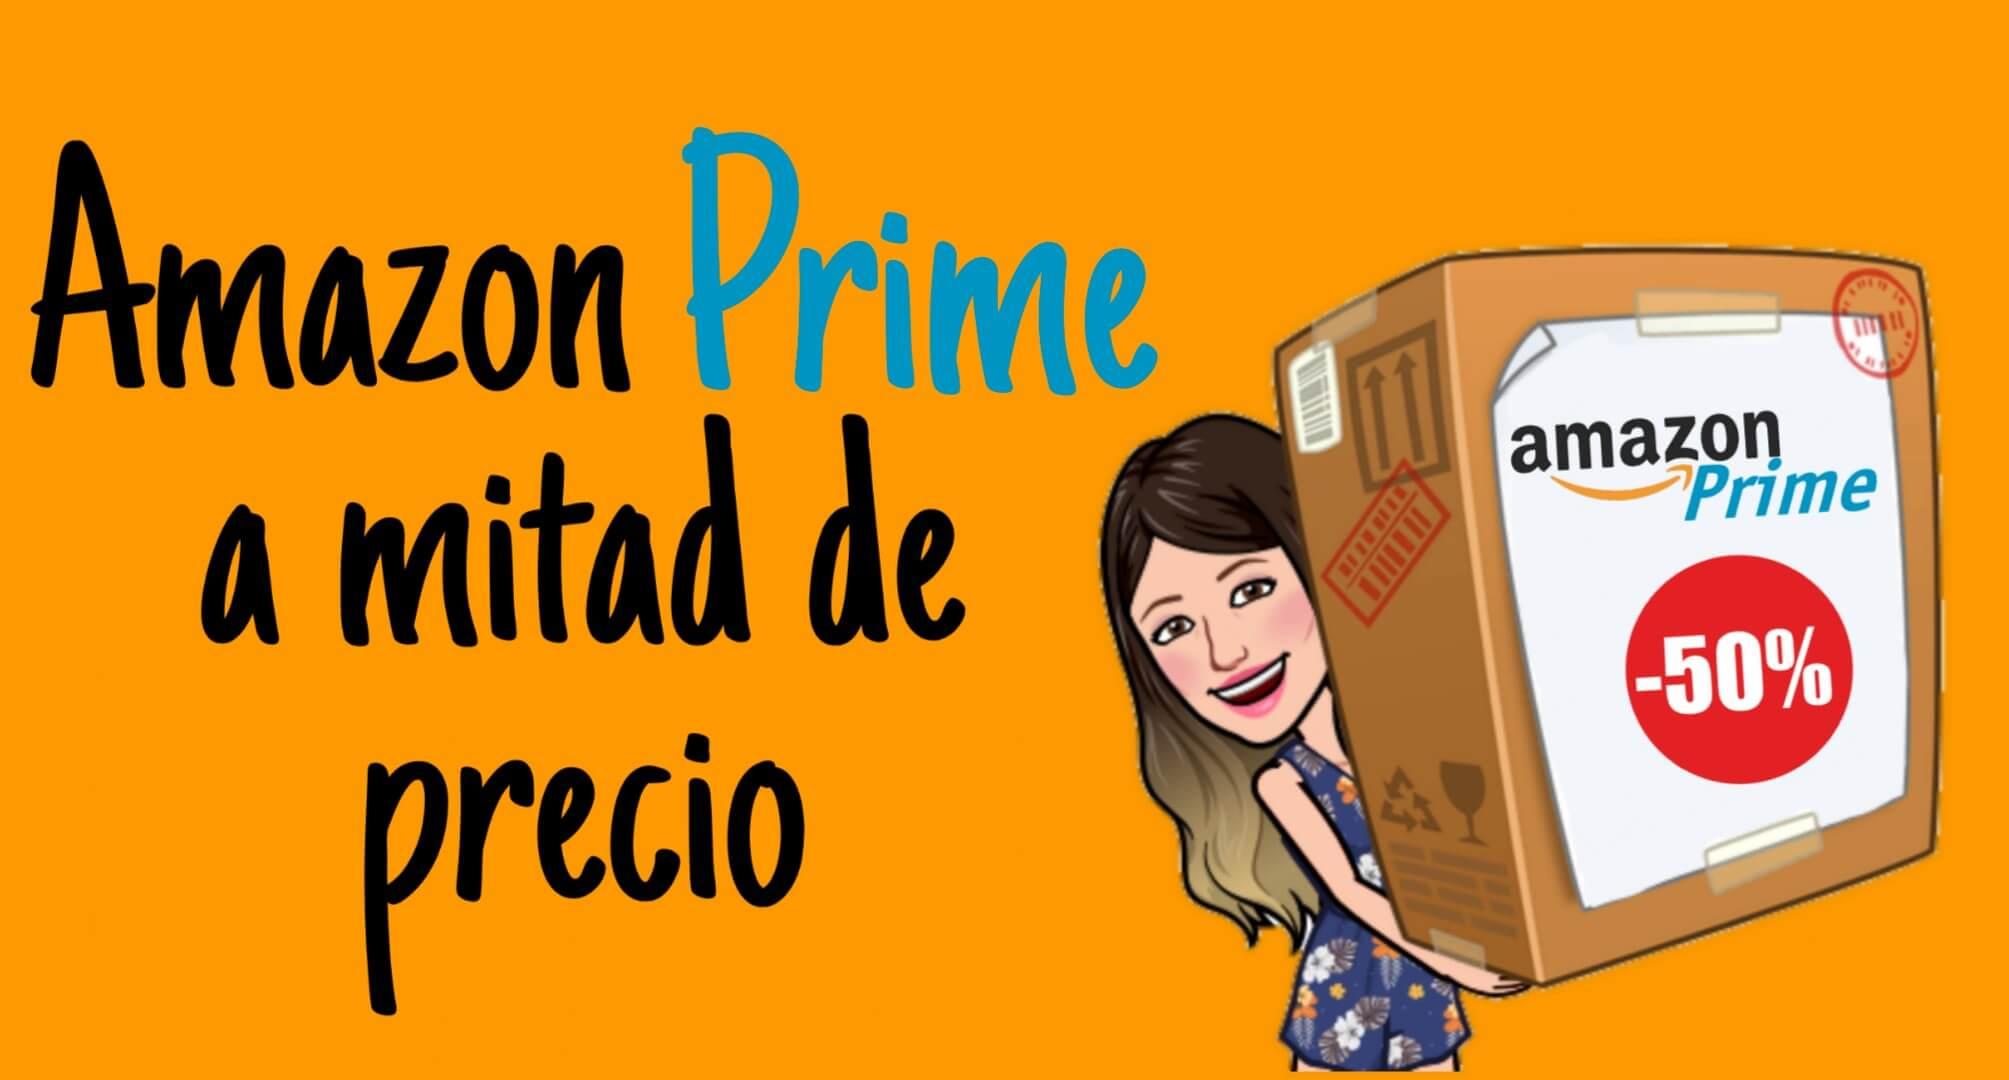 Obtener Amazon Prime a mitad de precio en Estados Unidos